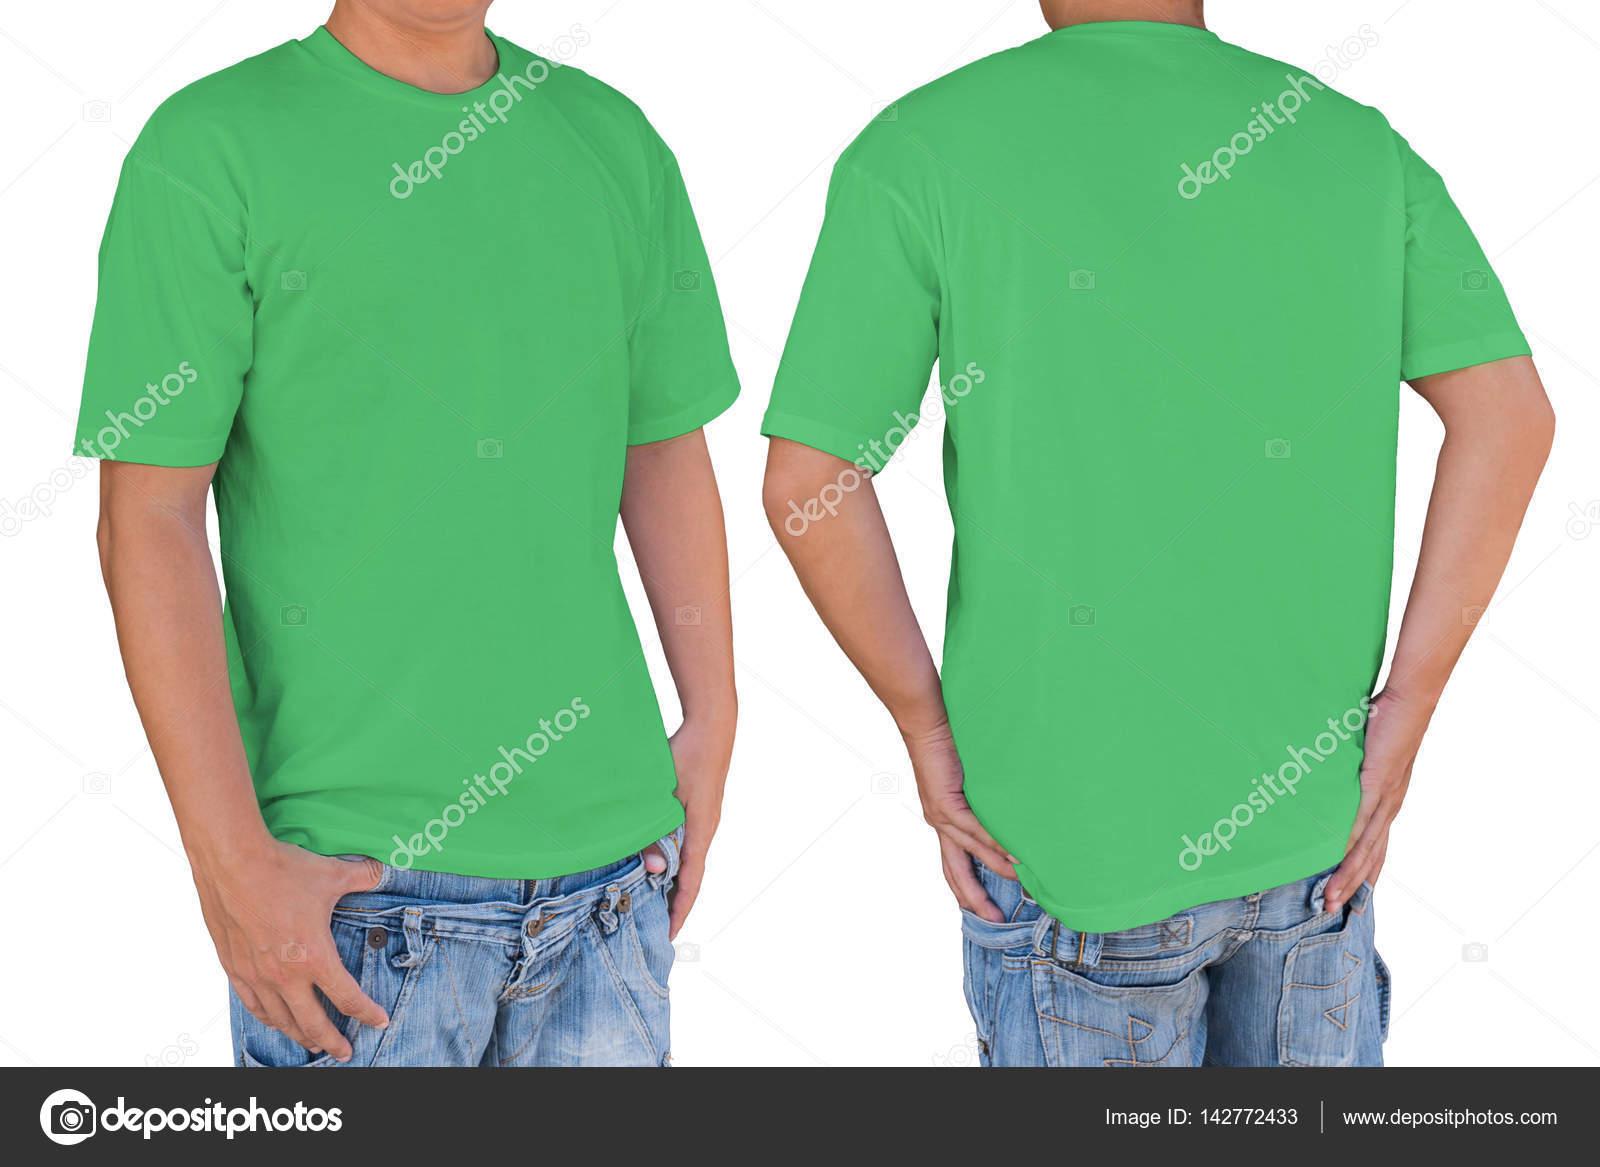 Wunderbar Grüne T Shirt Vorlage Ideen - Beispiel Business Lebenslauf ...